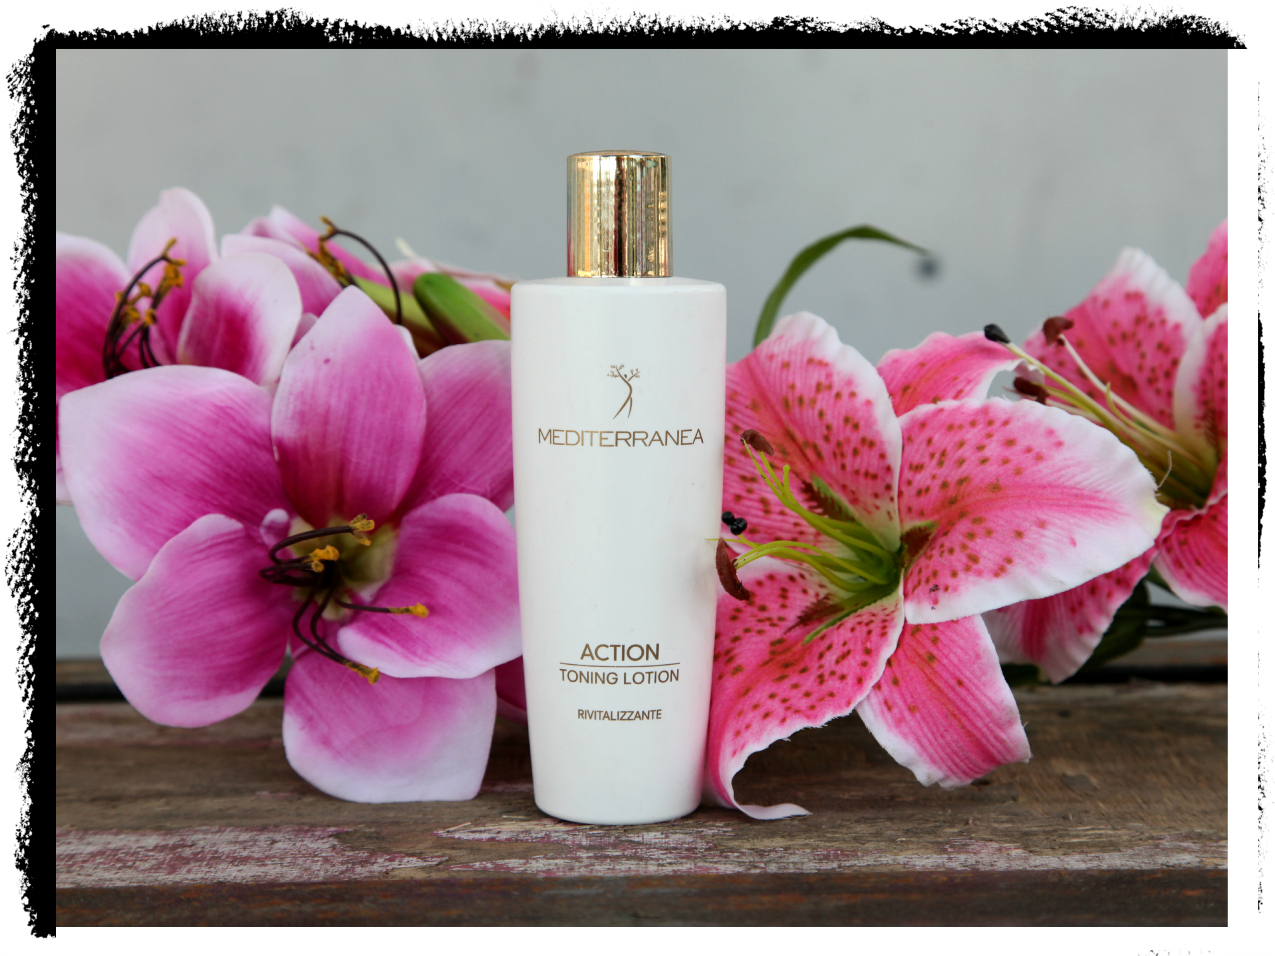 Mediterranea prodotti per la pelle e make up: la nuova frontiera della bellezza, alessia milanese, thechilicool, fashion blgo, fashion blogger